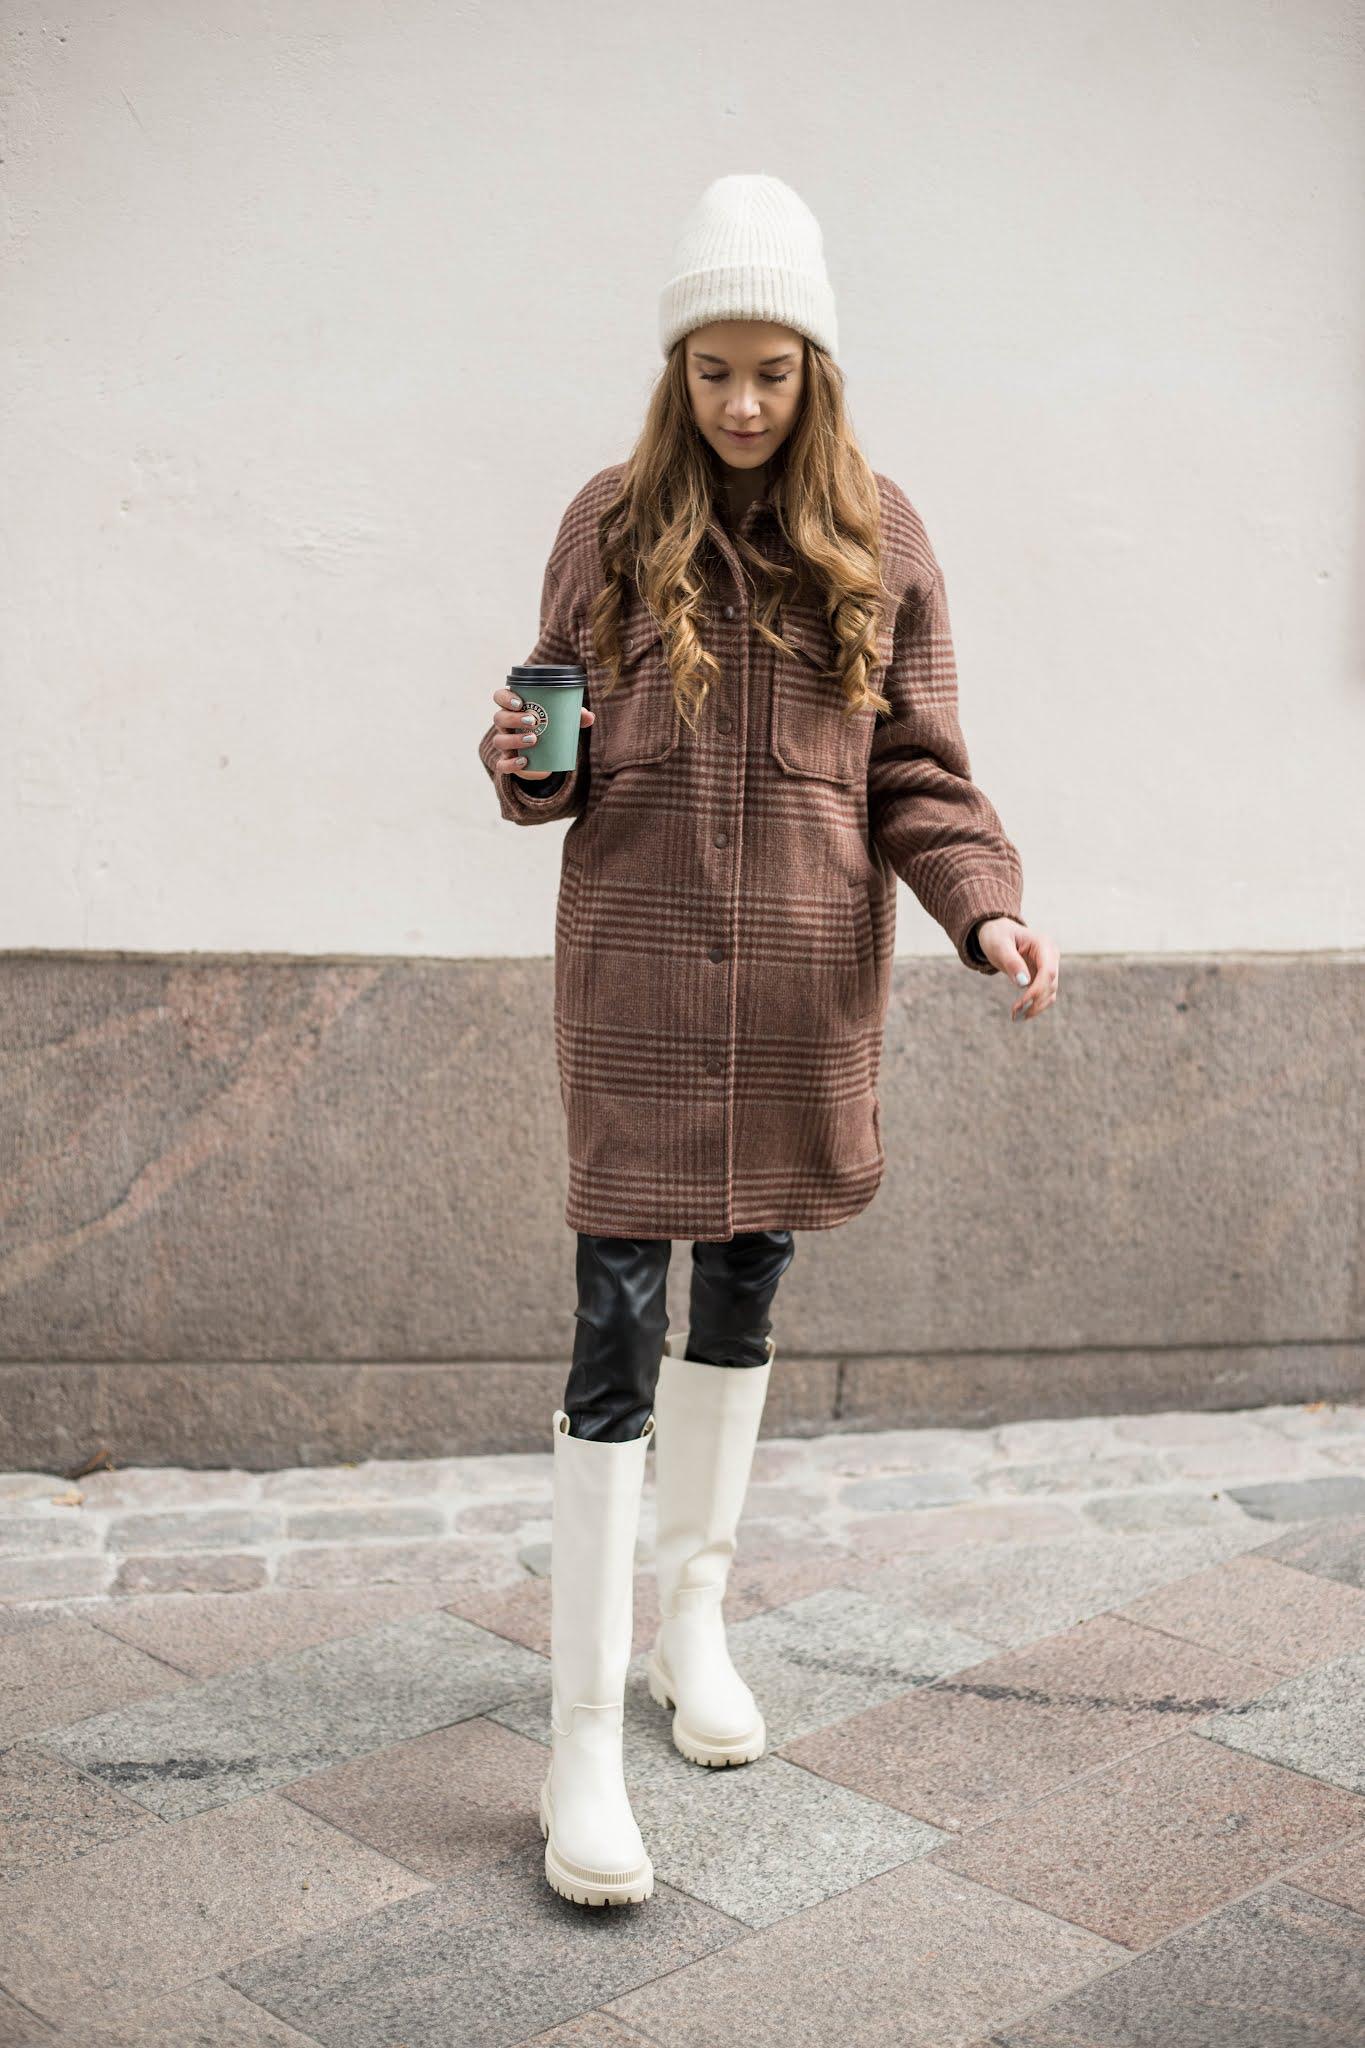 Rento syysasu: paitatakki + vaaleat bootsit // Casual autumn outfit: shacked and cream coloured chunky boots